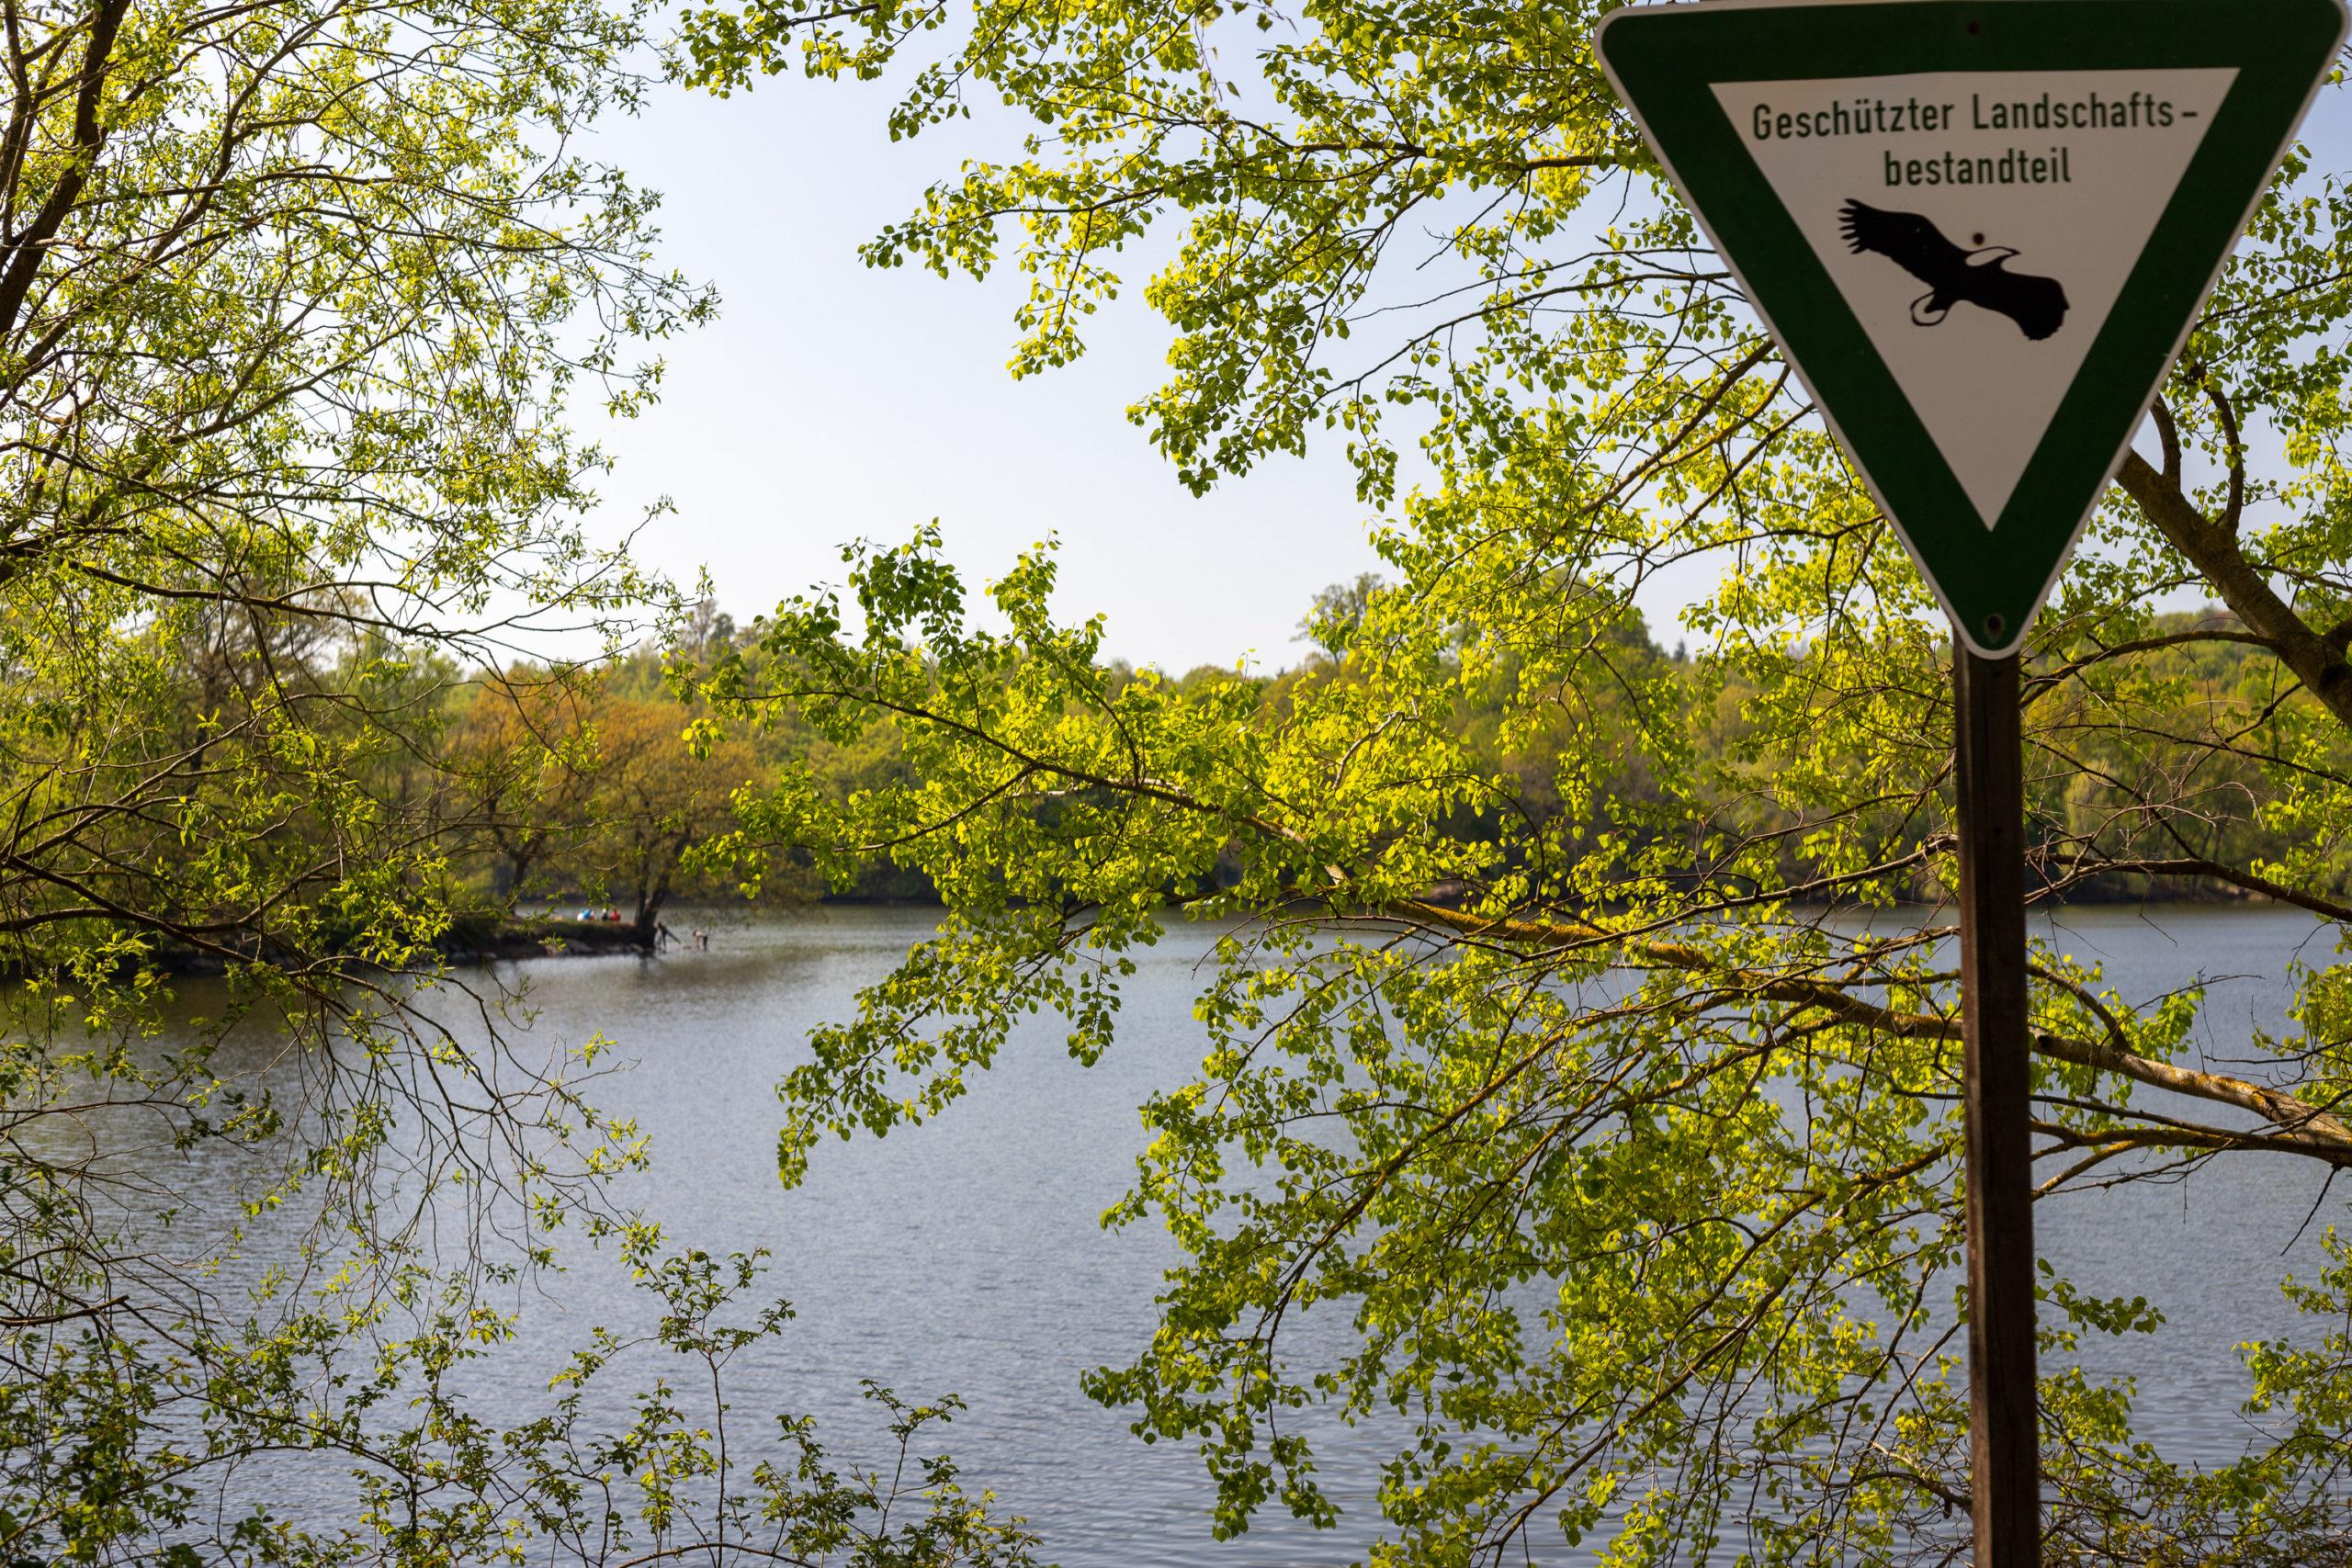 """Blick durch Äste auf den See. Im Hintergrund sind klein auf einer Landzunge Menschen erkennbar. Im Vordergrund ein dreieckiges, auf der Spitze stehendes, grün eingerahmtes Schild mit einem Adler und der Beschriftung """"Geschützter Landschaftsbestandteil"""" darauf."""